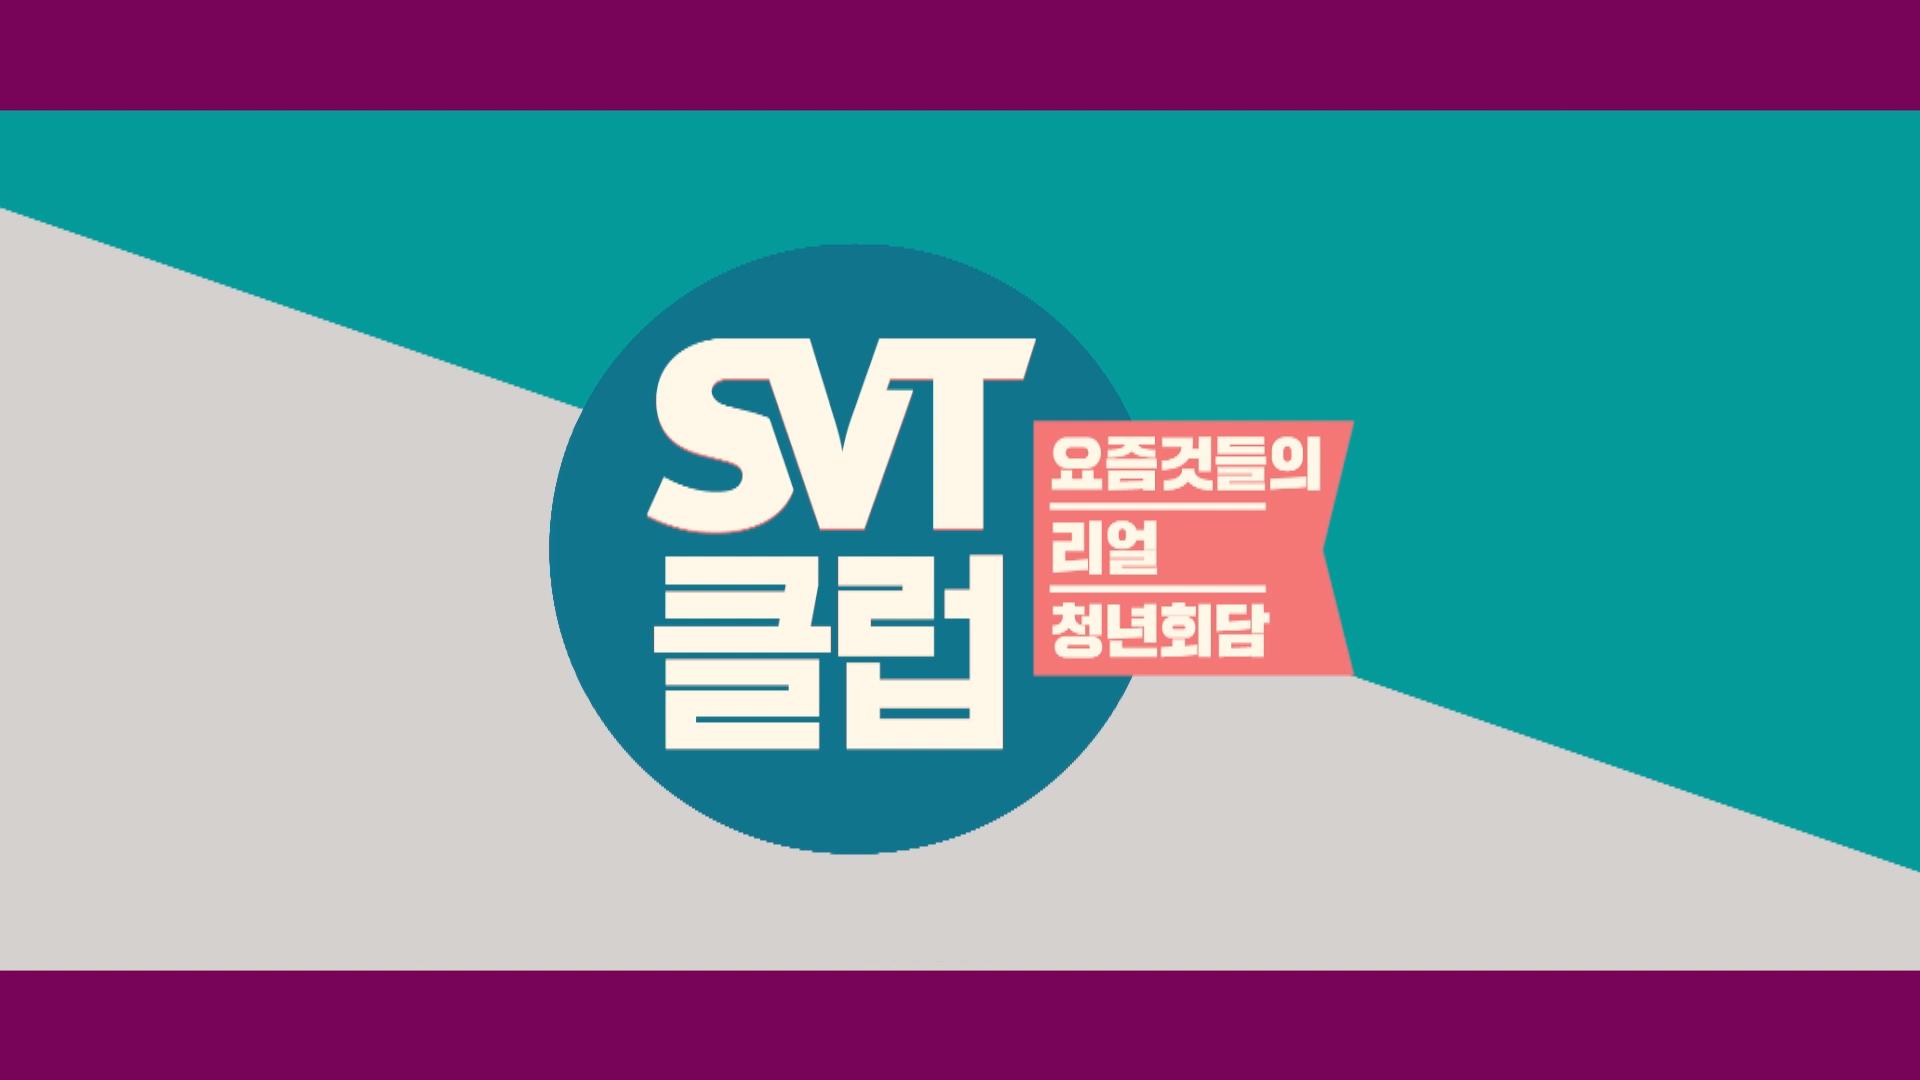 요즘것들의 리얼 청년회담 <SVT클럽> 미리보기!